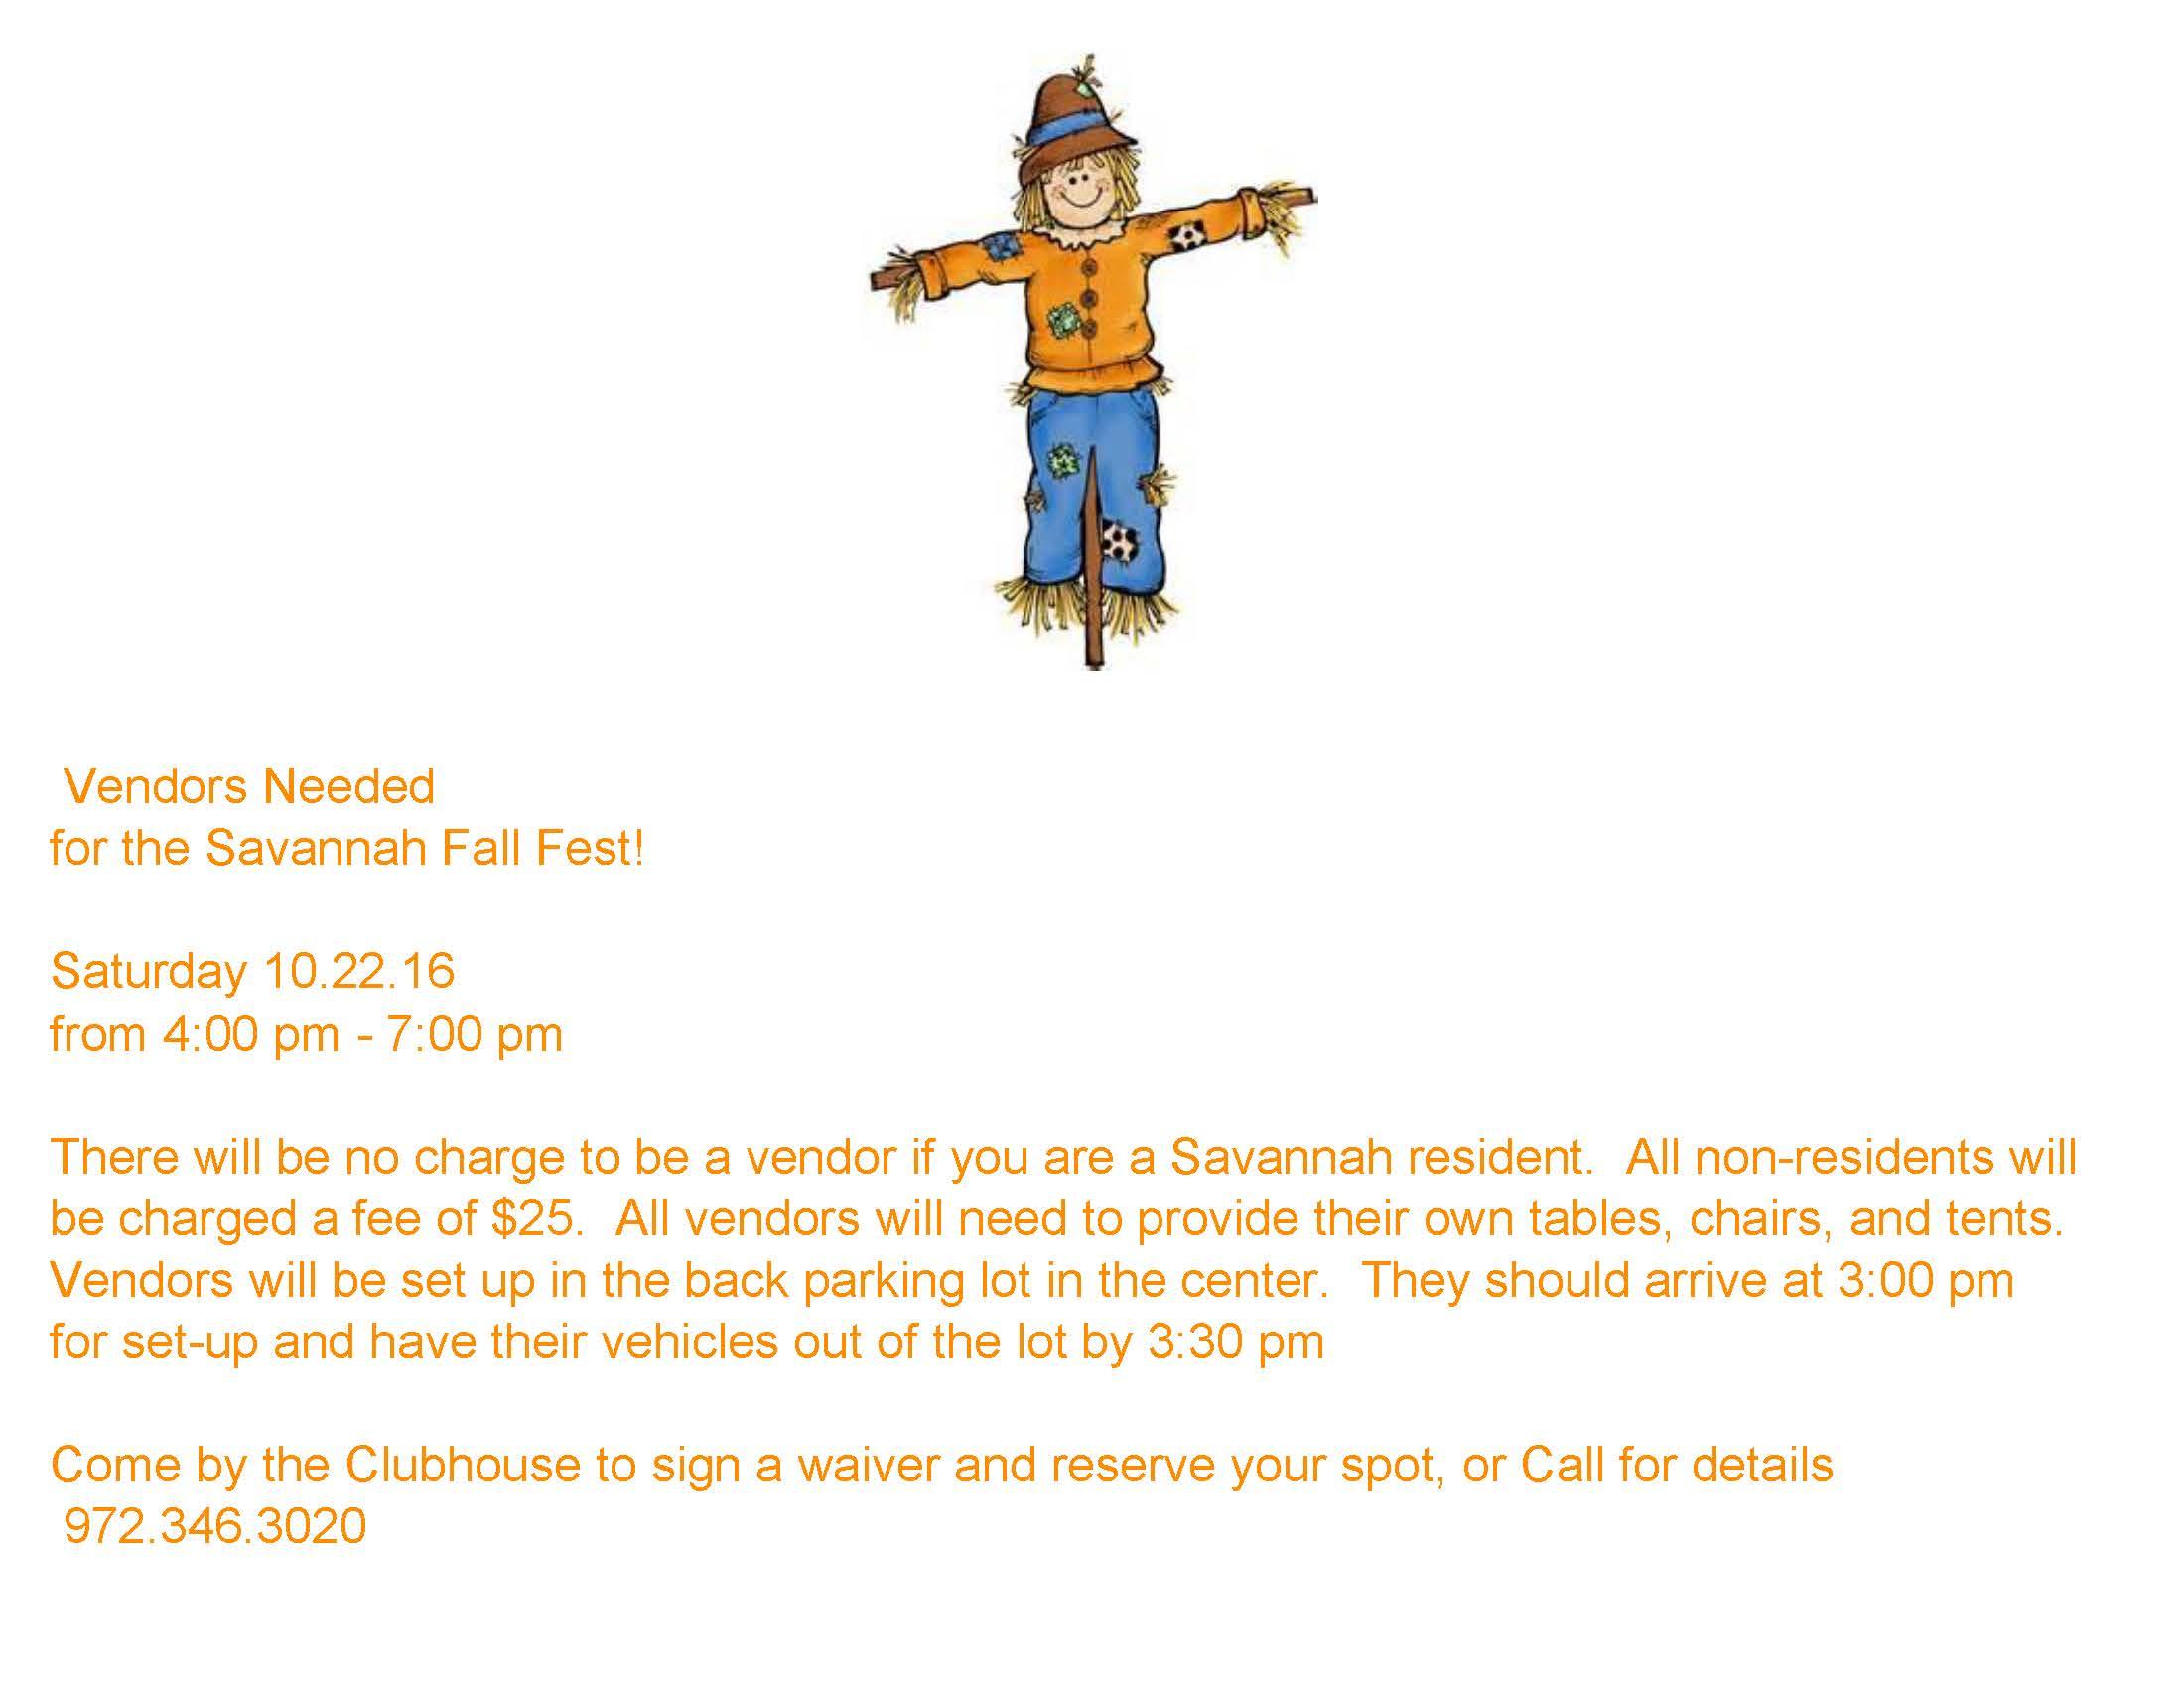 Vendors Needed - Fall Fest 3.jpg